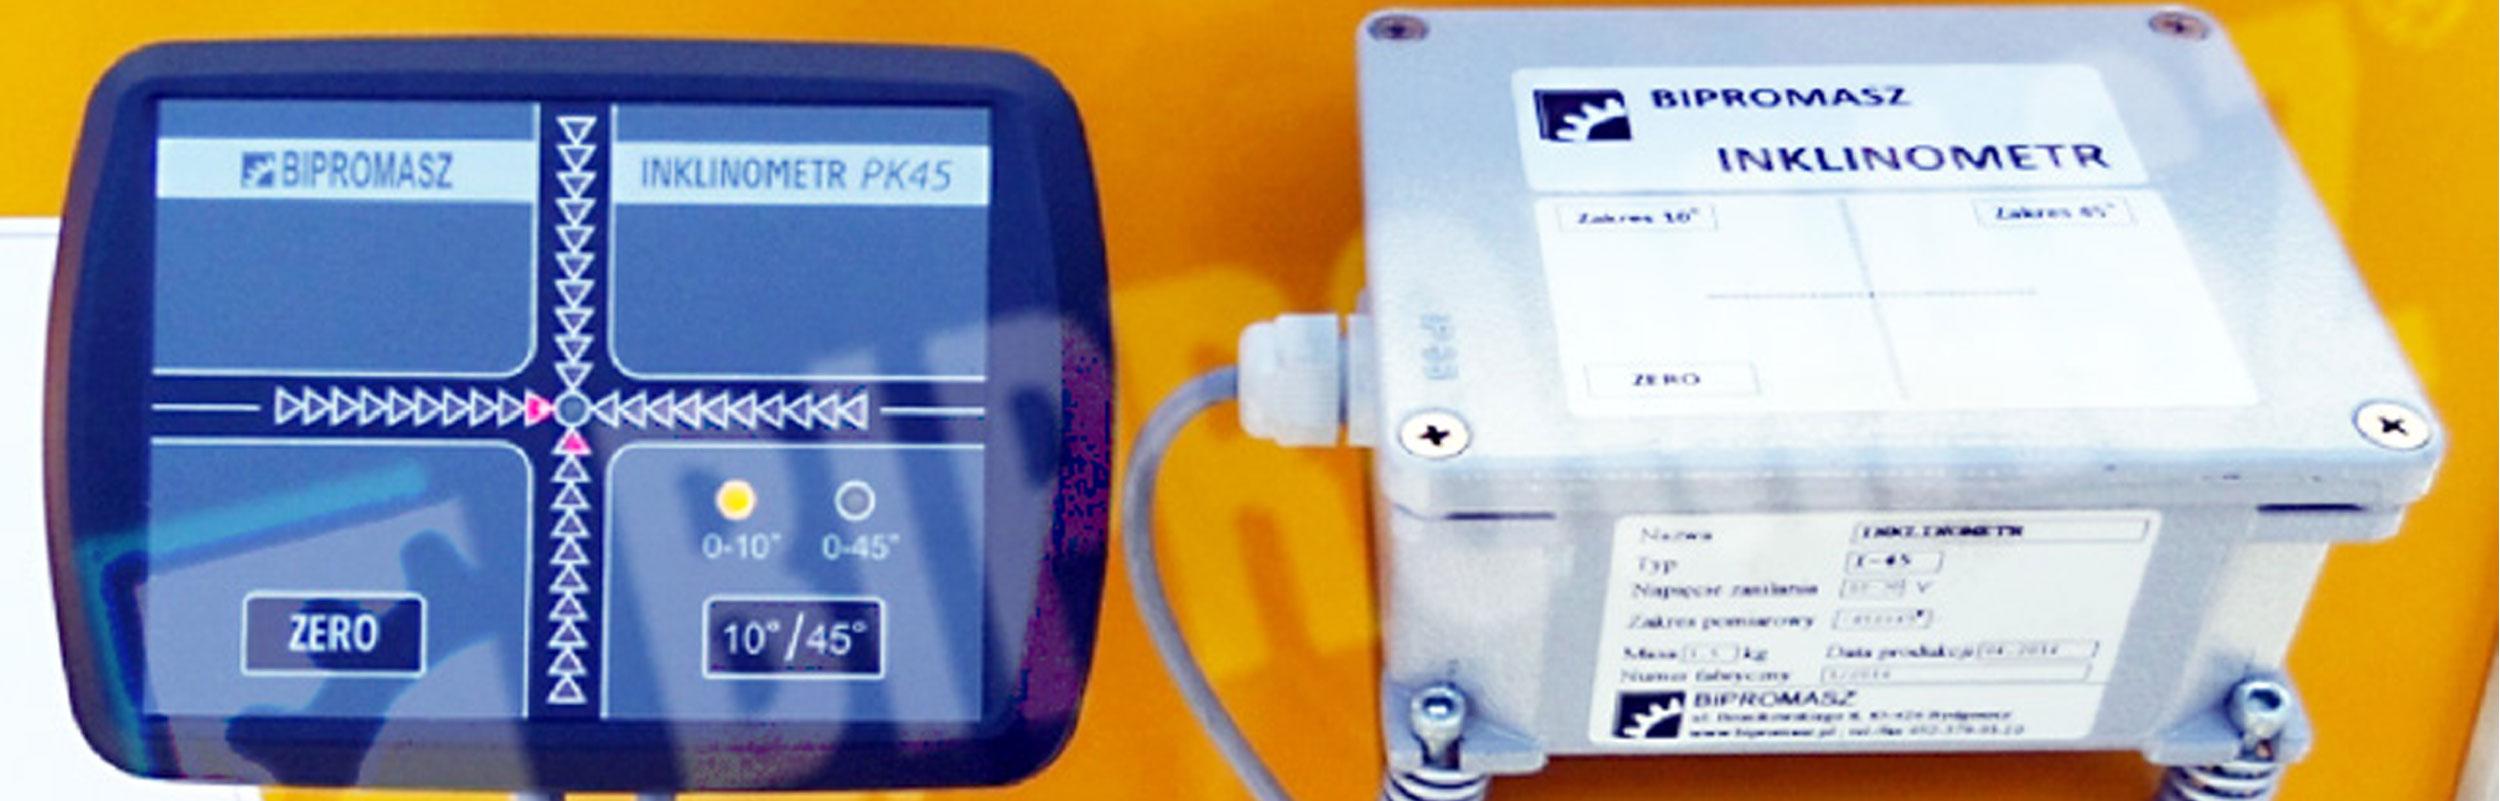 nklinometr – elektroniczna kontrola pionowości i poziomu firmy Bipromasz